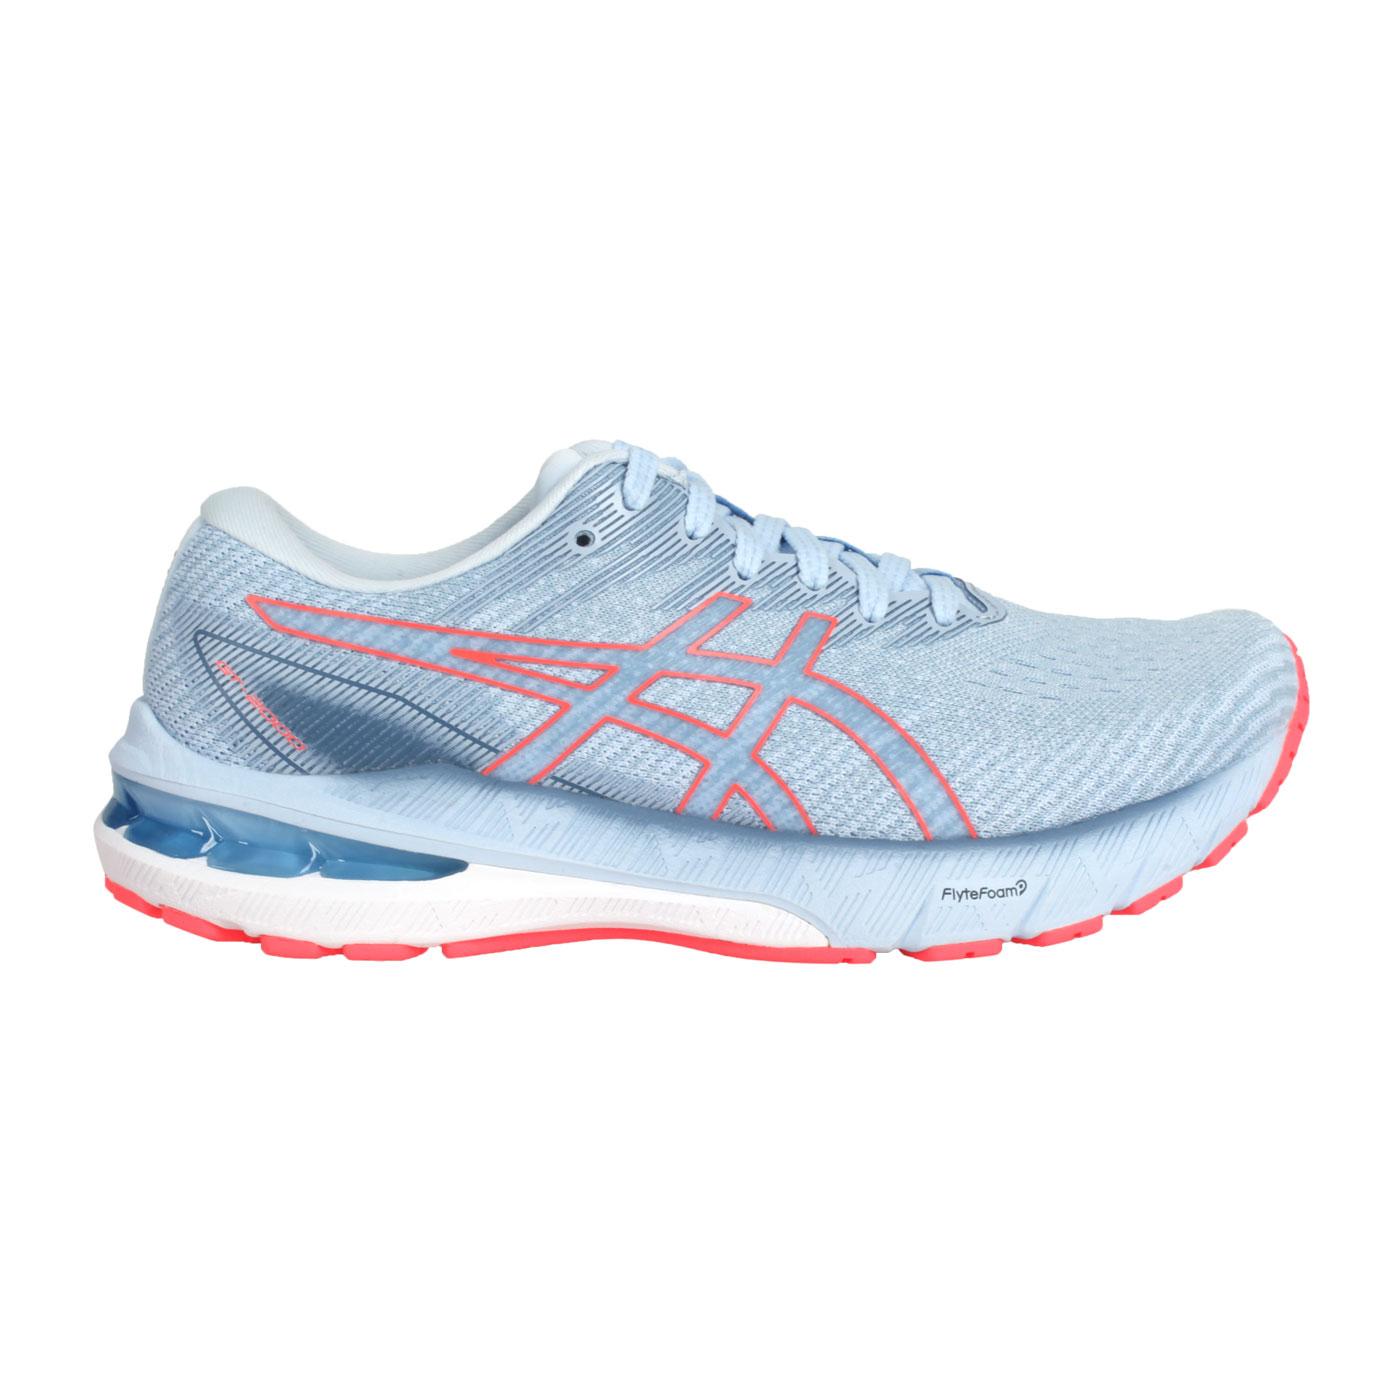 ASICS 女款慢跑鞋  @GT-2000 10@1012B045-401 - 灰藍螢光橘